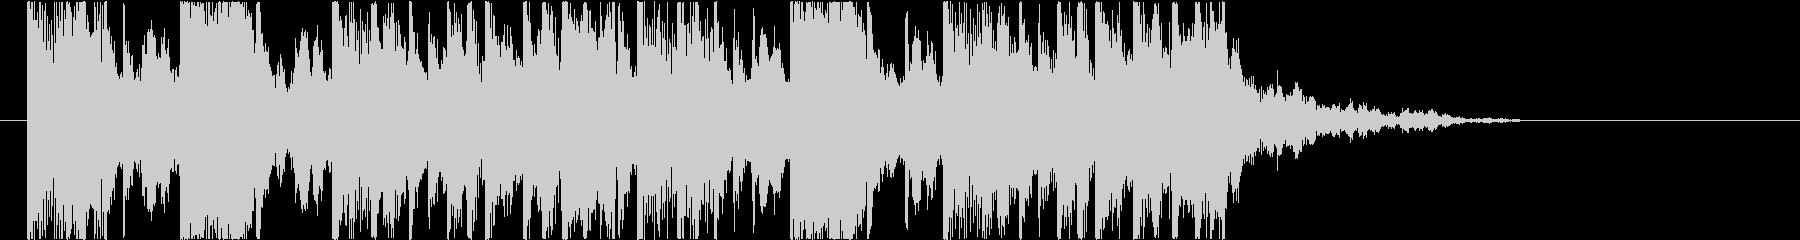 【南国効果音】のどがカラカラの未再生の波形